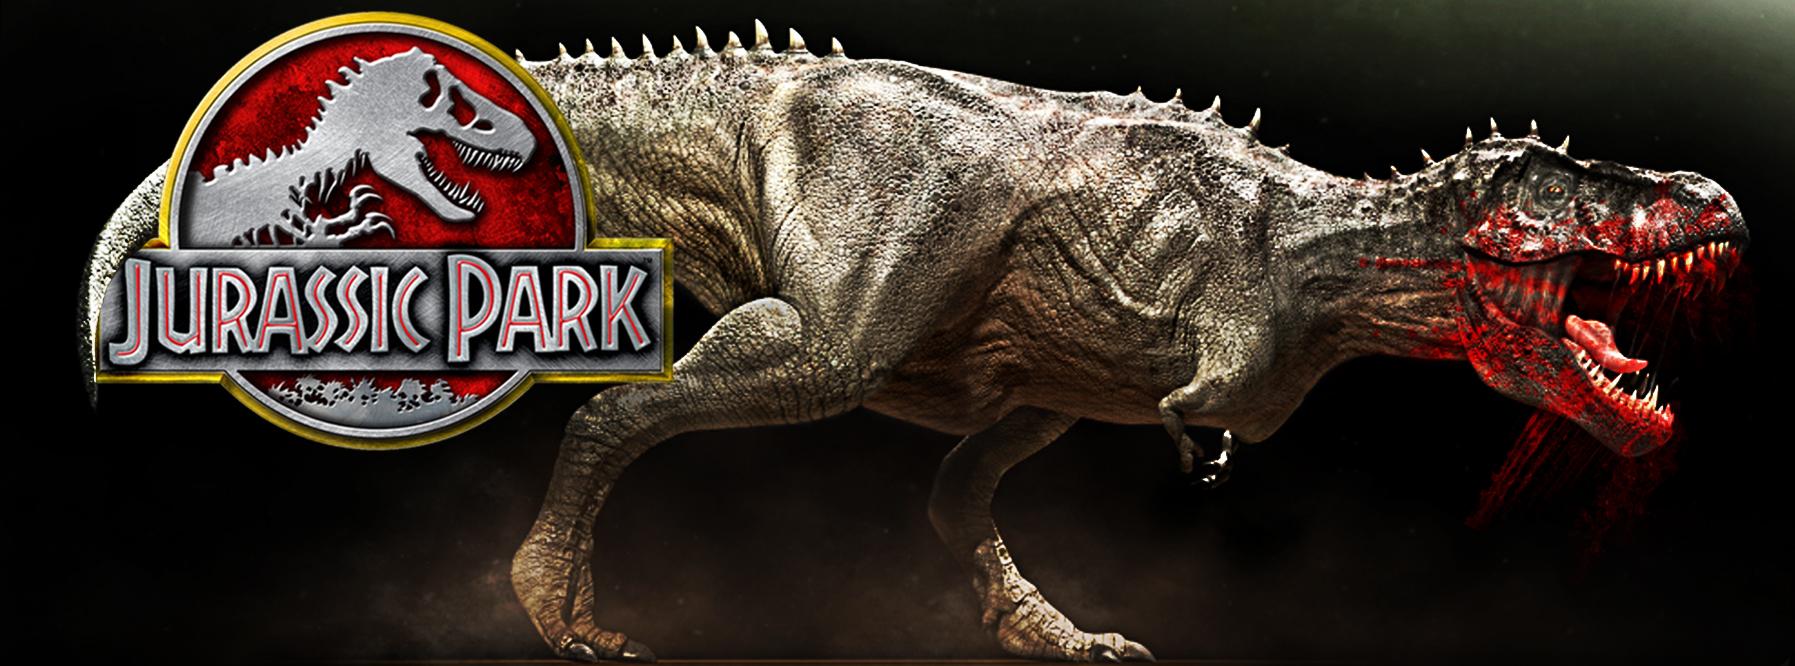 Jurassic Park T Rex Wallpaper Jurassic park 1795x666